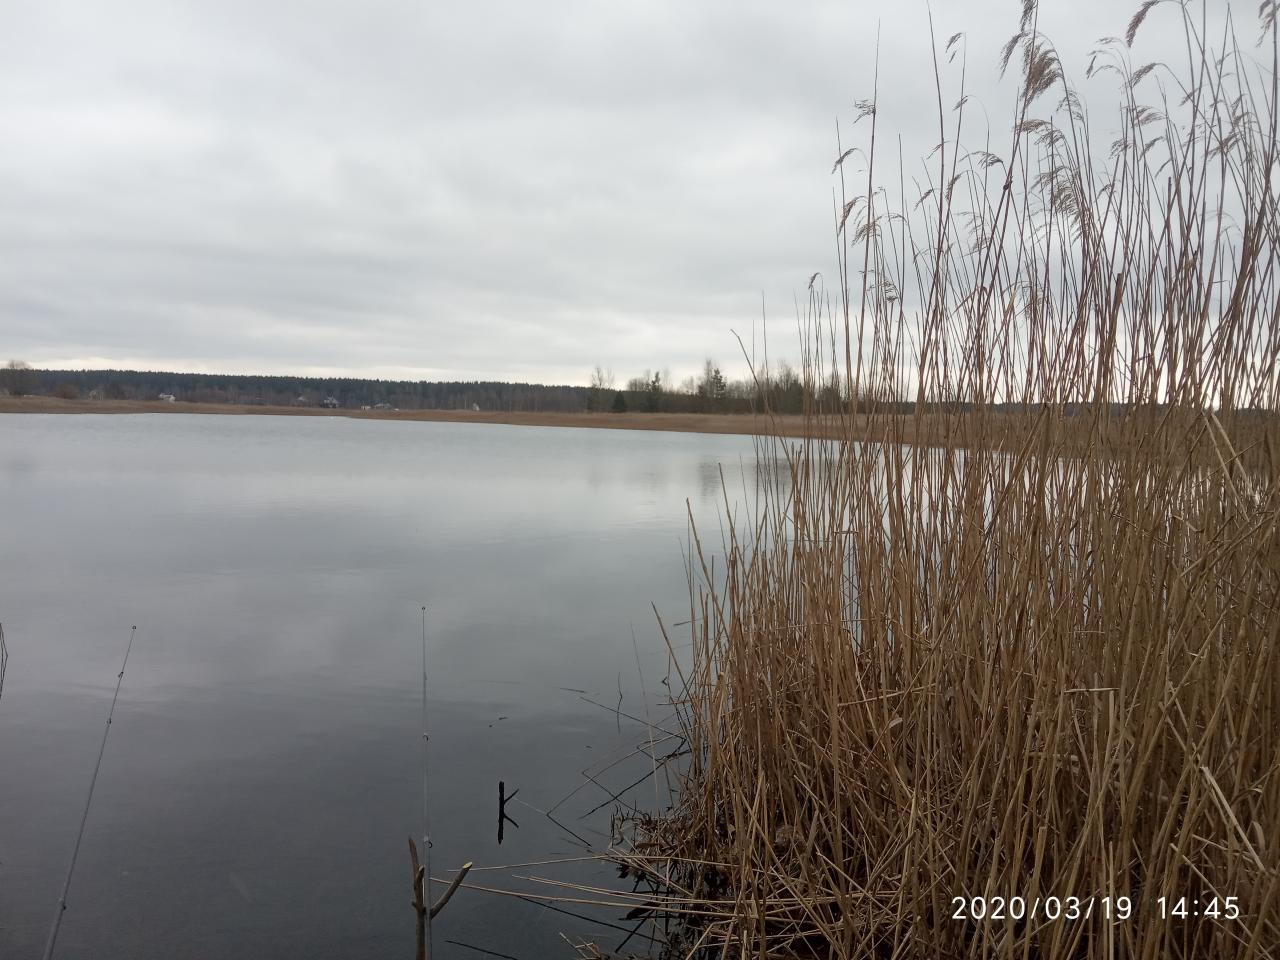 Сегодня в обед решил немного посидеть с удочкой ...   Отчеты о рыбалке в Беларуси